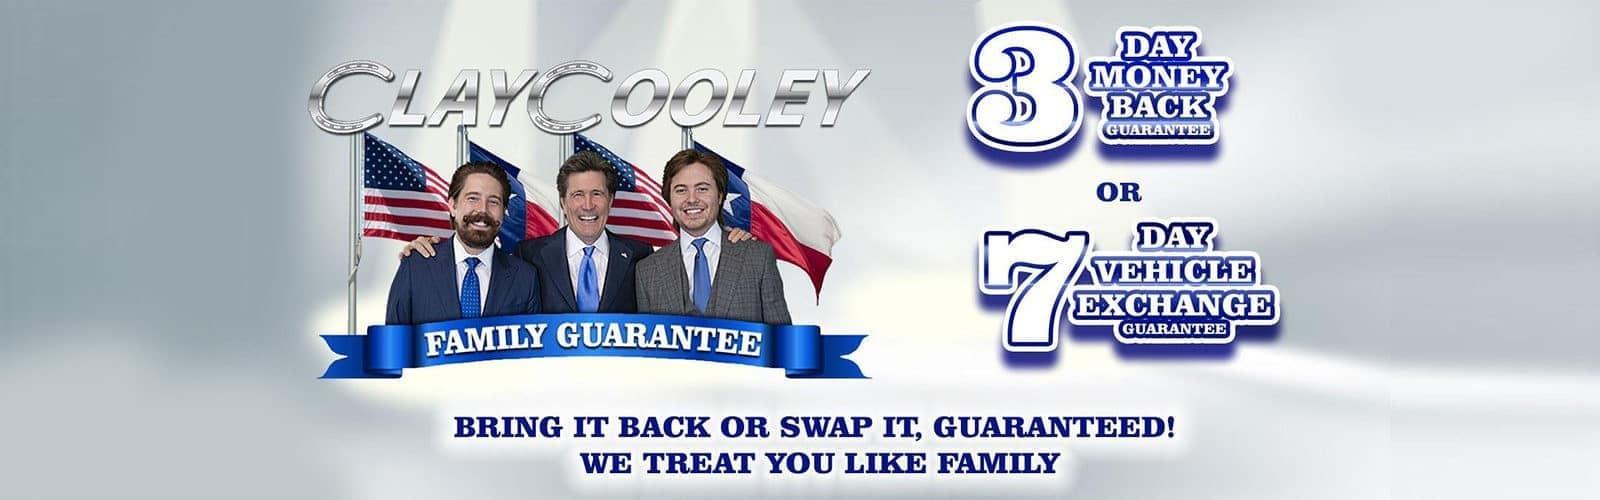 Family Guarantee